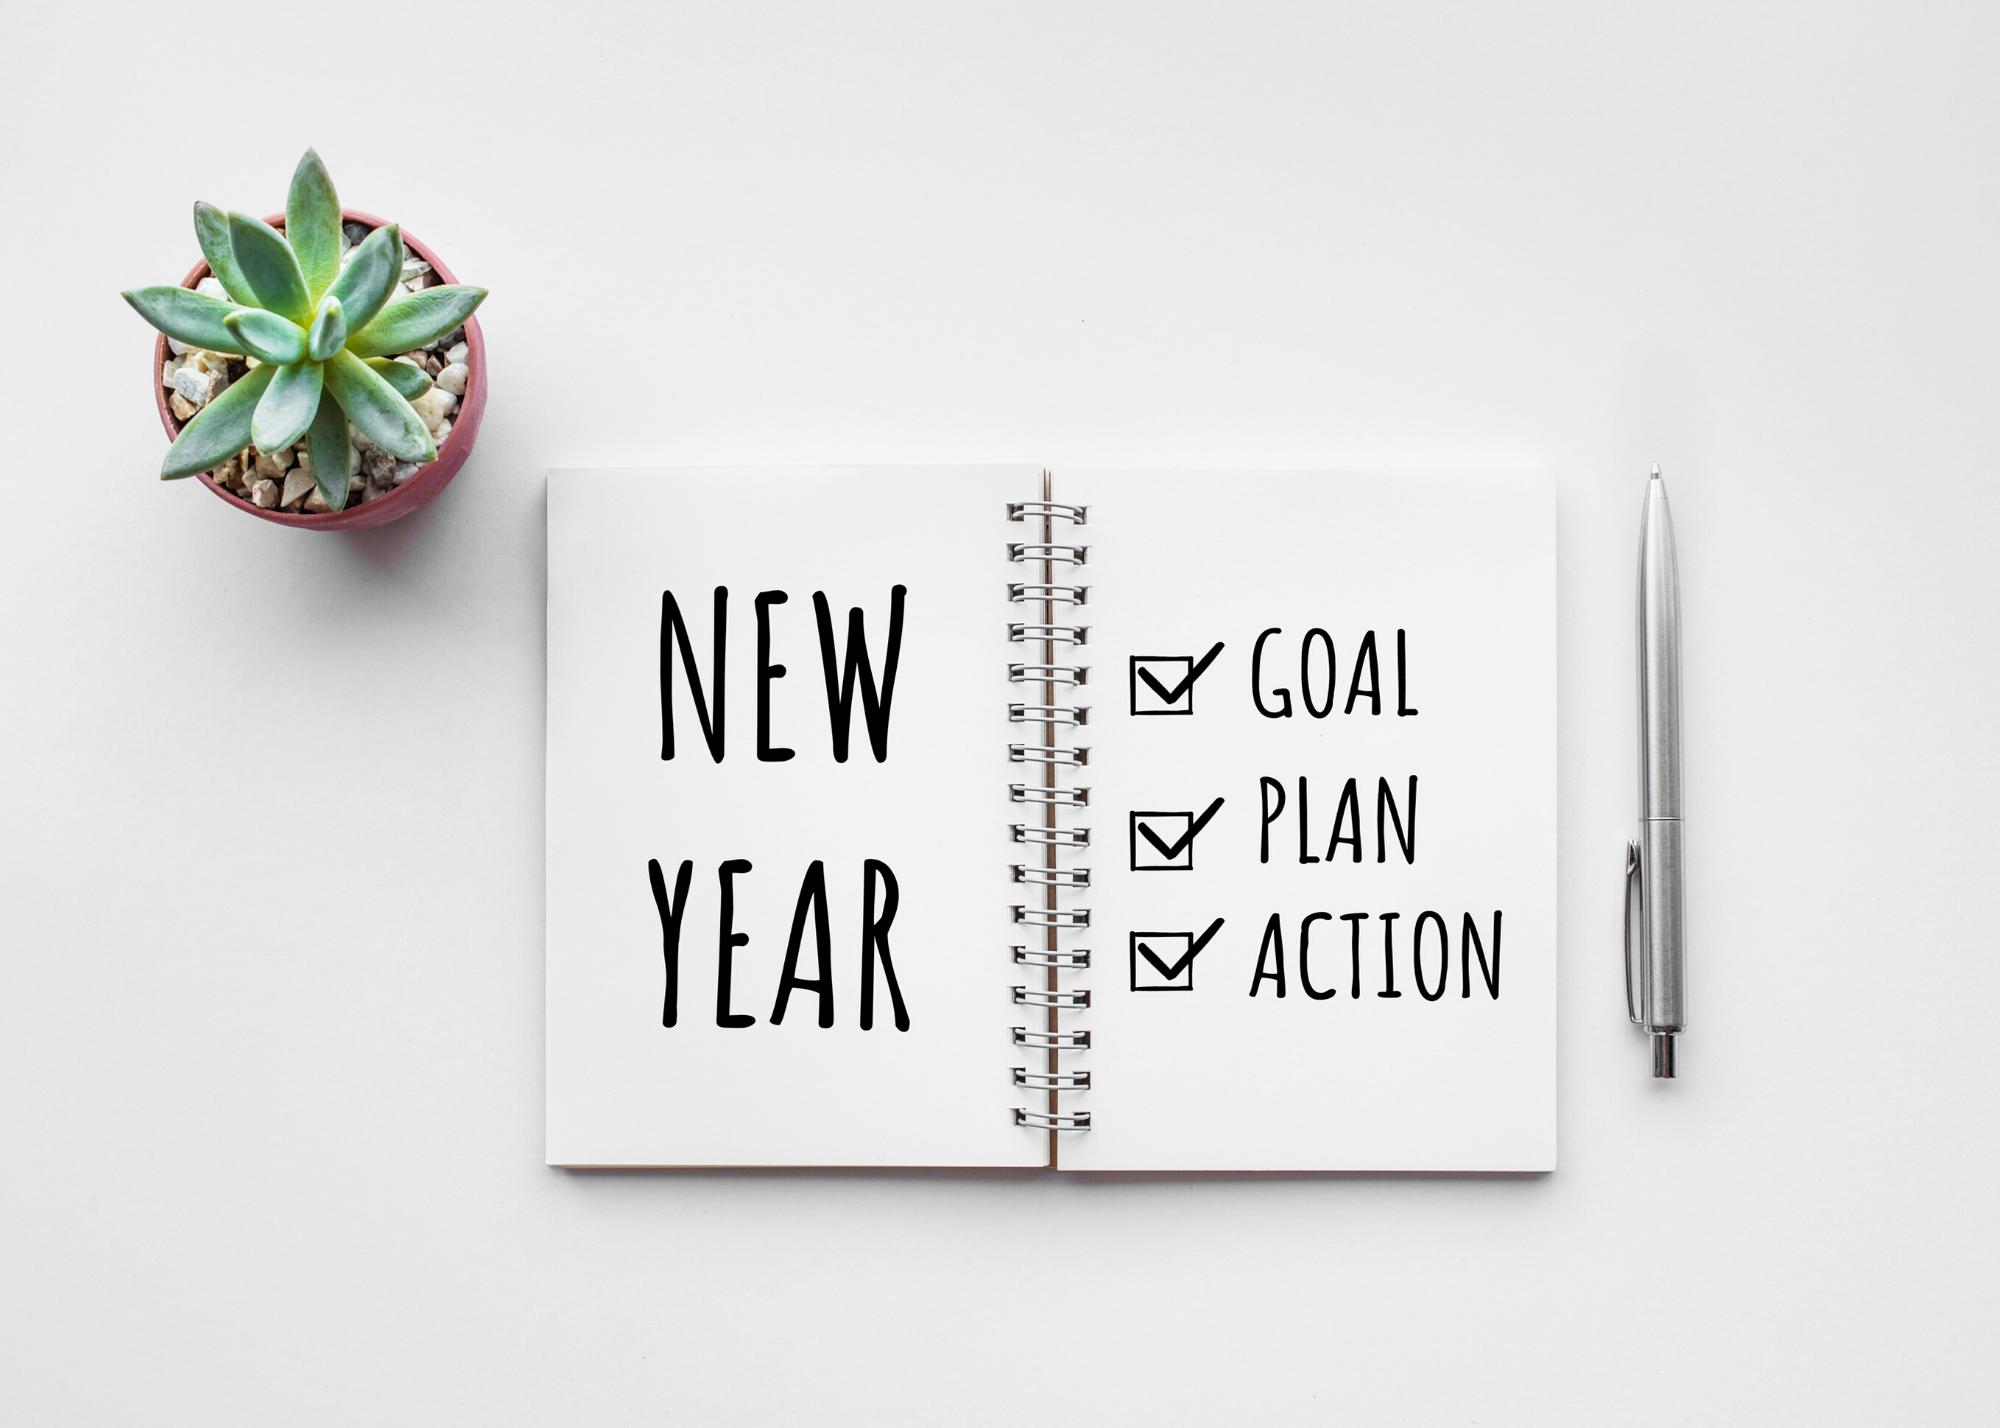 Ammie - New Year Goals